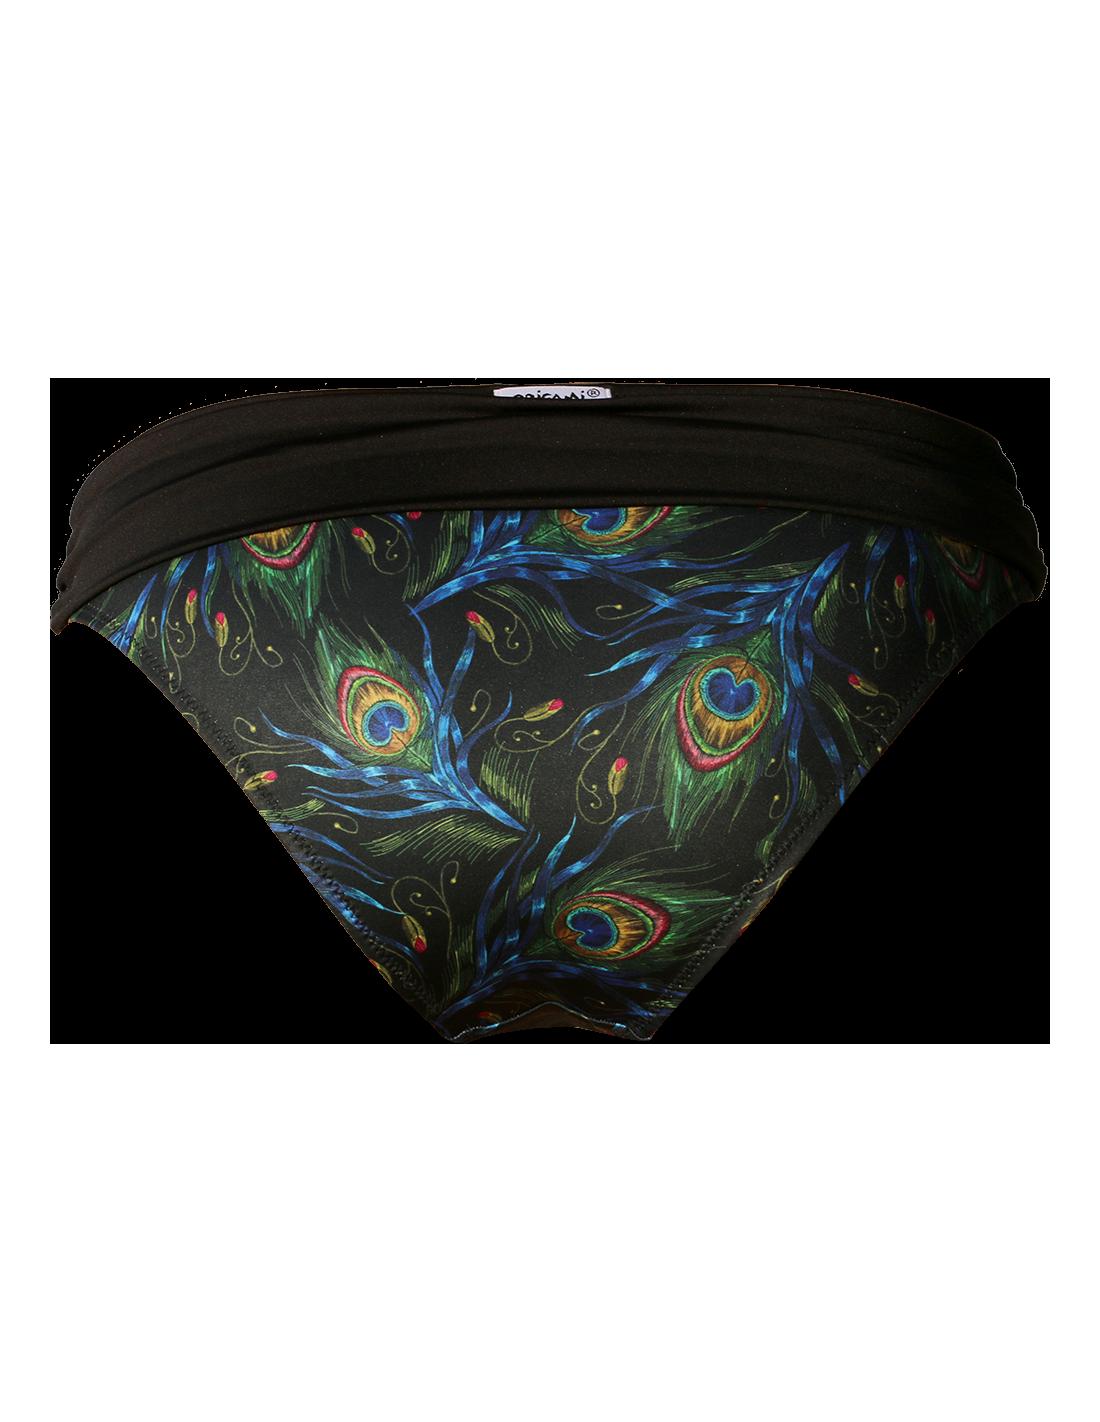 66b0e686e7 Peacock DM-960 Origami Bikini Méret 80D / L / 40